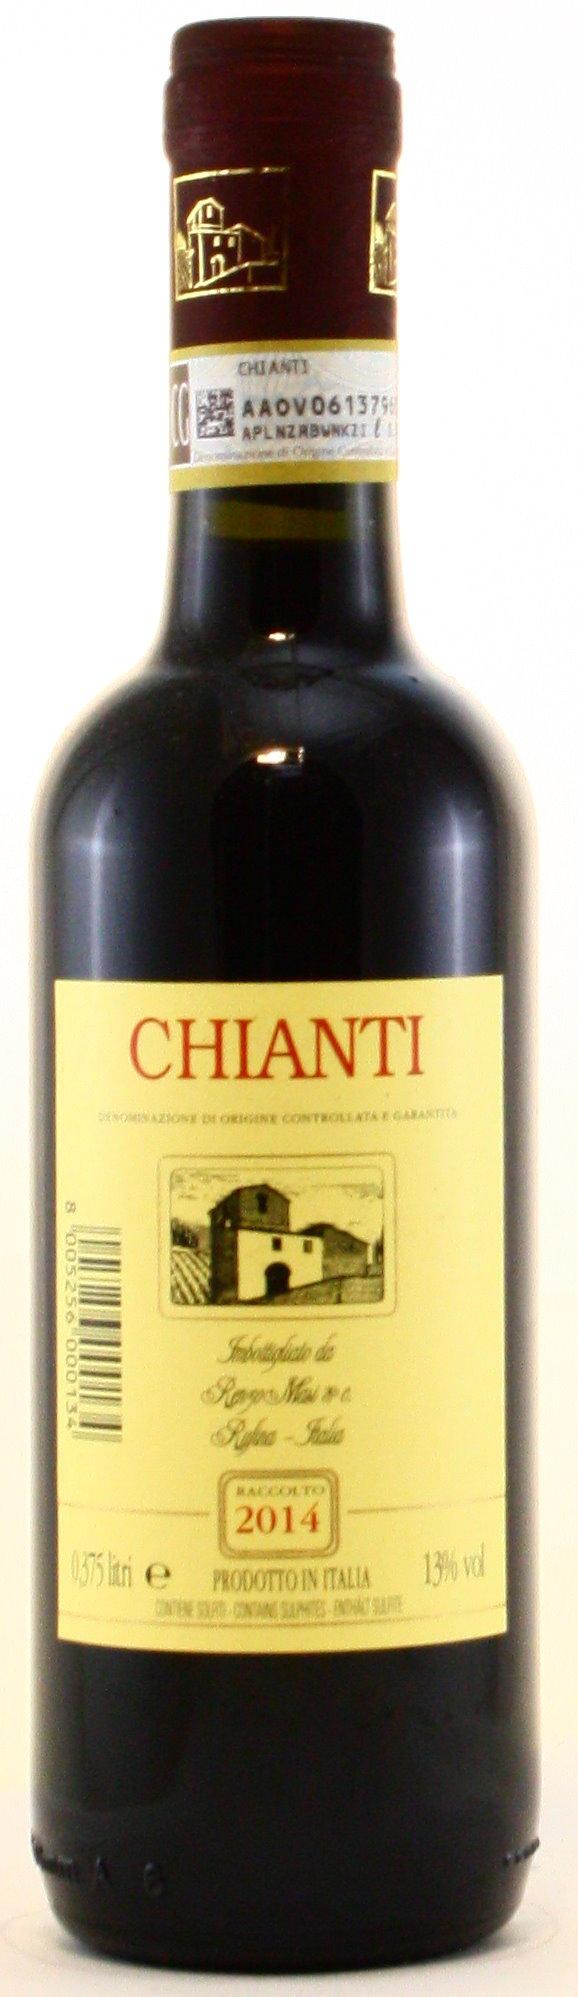 0,375 L Chianti, Renzo Masi